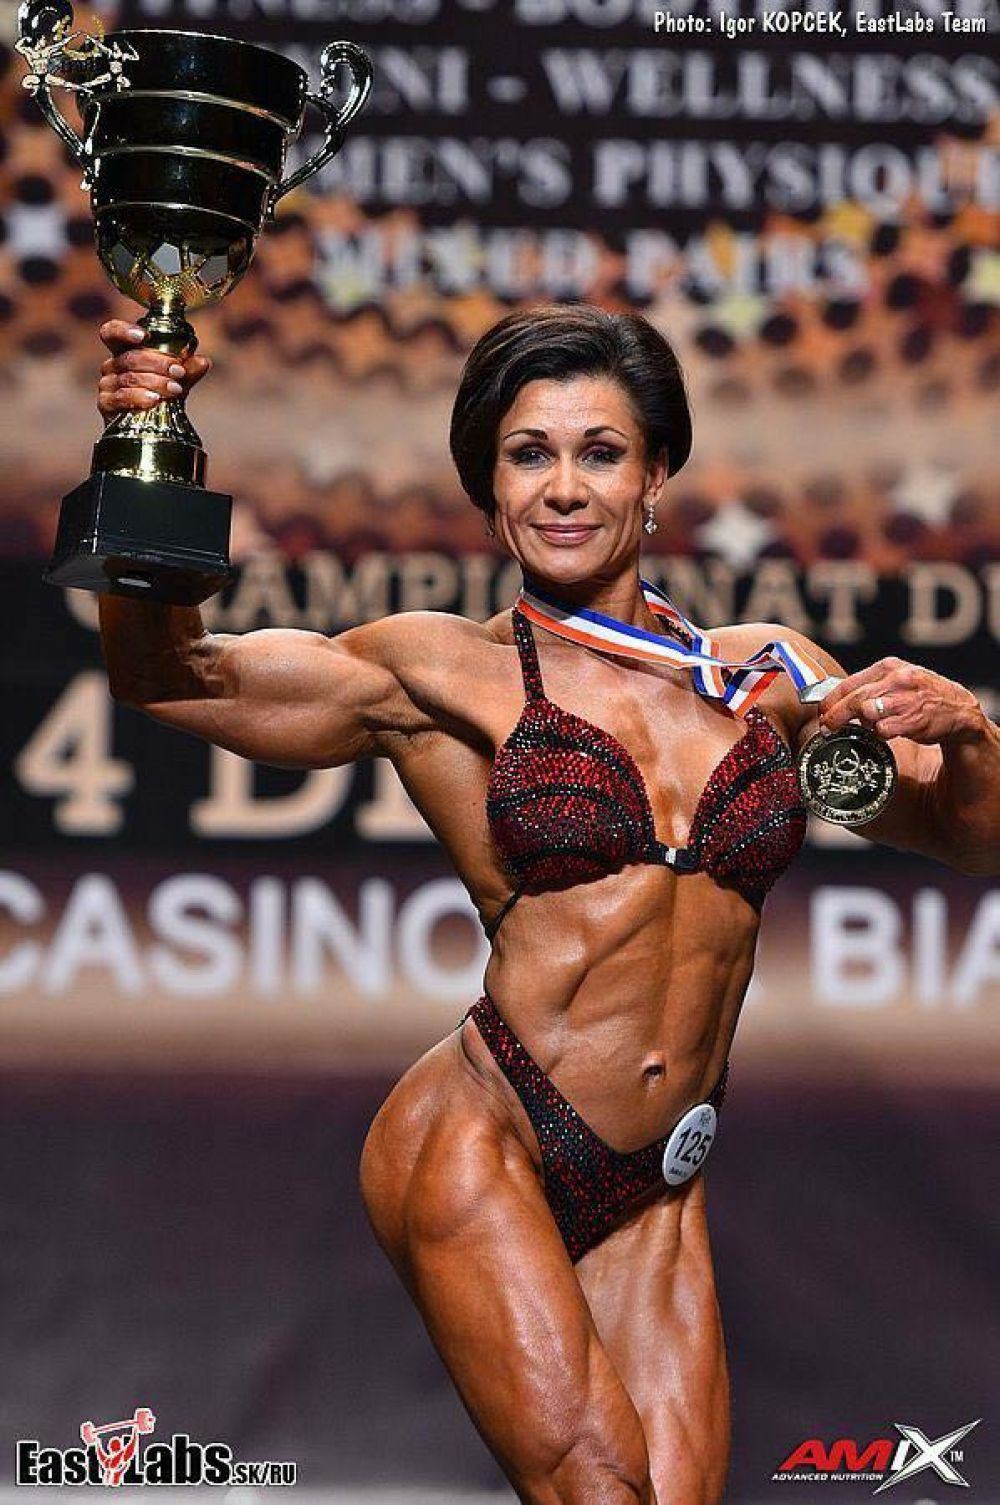 Так, по словам Натальи, за несколько дней до соревнований она исключает из рациона соль, сокращает объем потребления воды. Это нужно для достижения хорошей сепарации мышц.